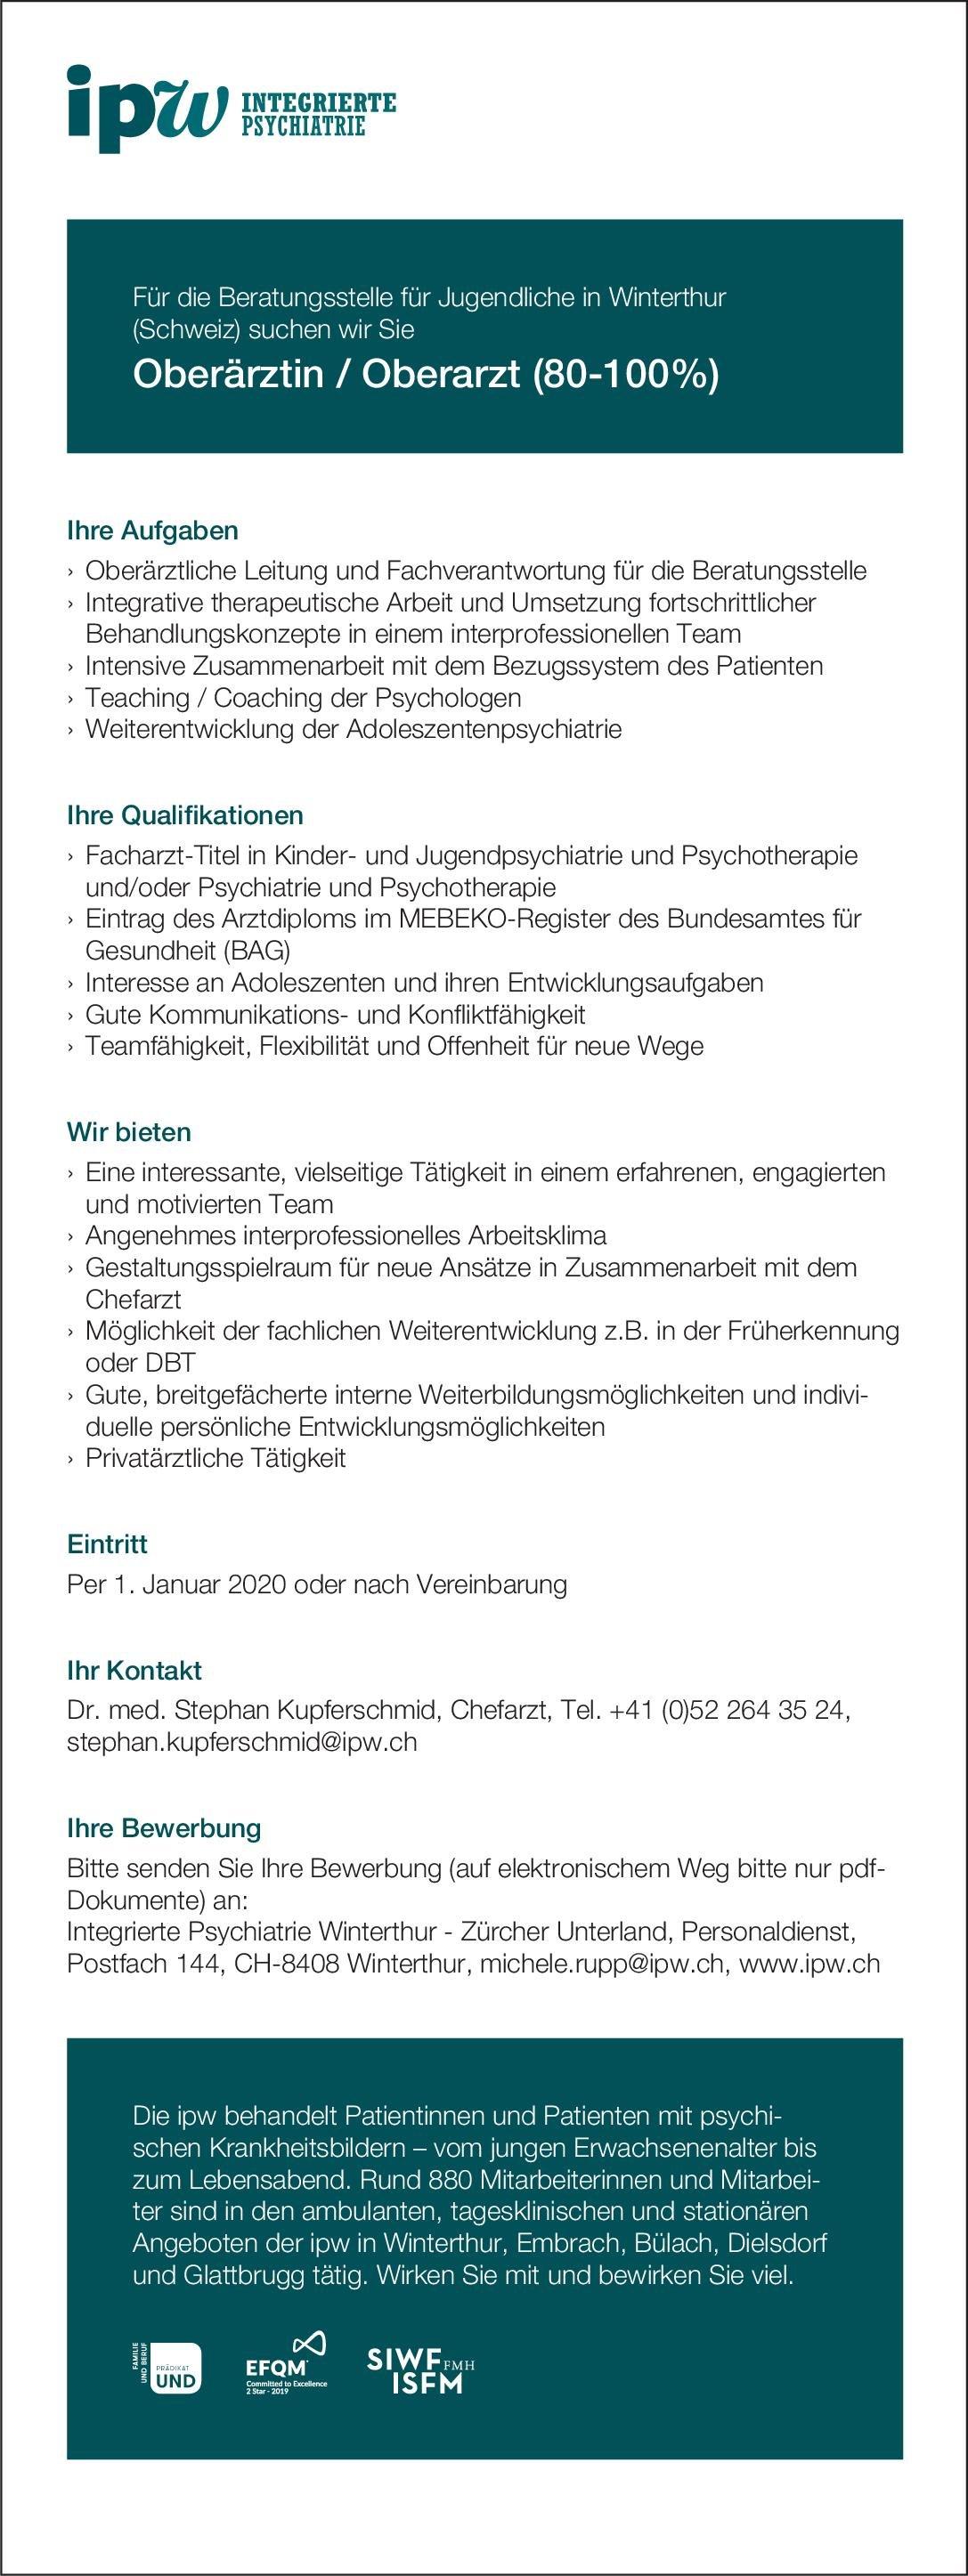 Integrierte Psychiatrie Winterthur - Zürcher Unterland Oberärztin / Oberarzt (80-100%)  Psychiatrie und Psychotherapie, Kinder- und Jugendpsychiatrie und -psychotherapie, Psychiatrie und Psychotherapie Oberarzt